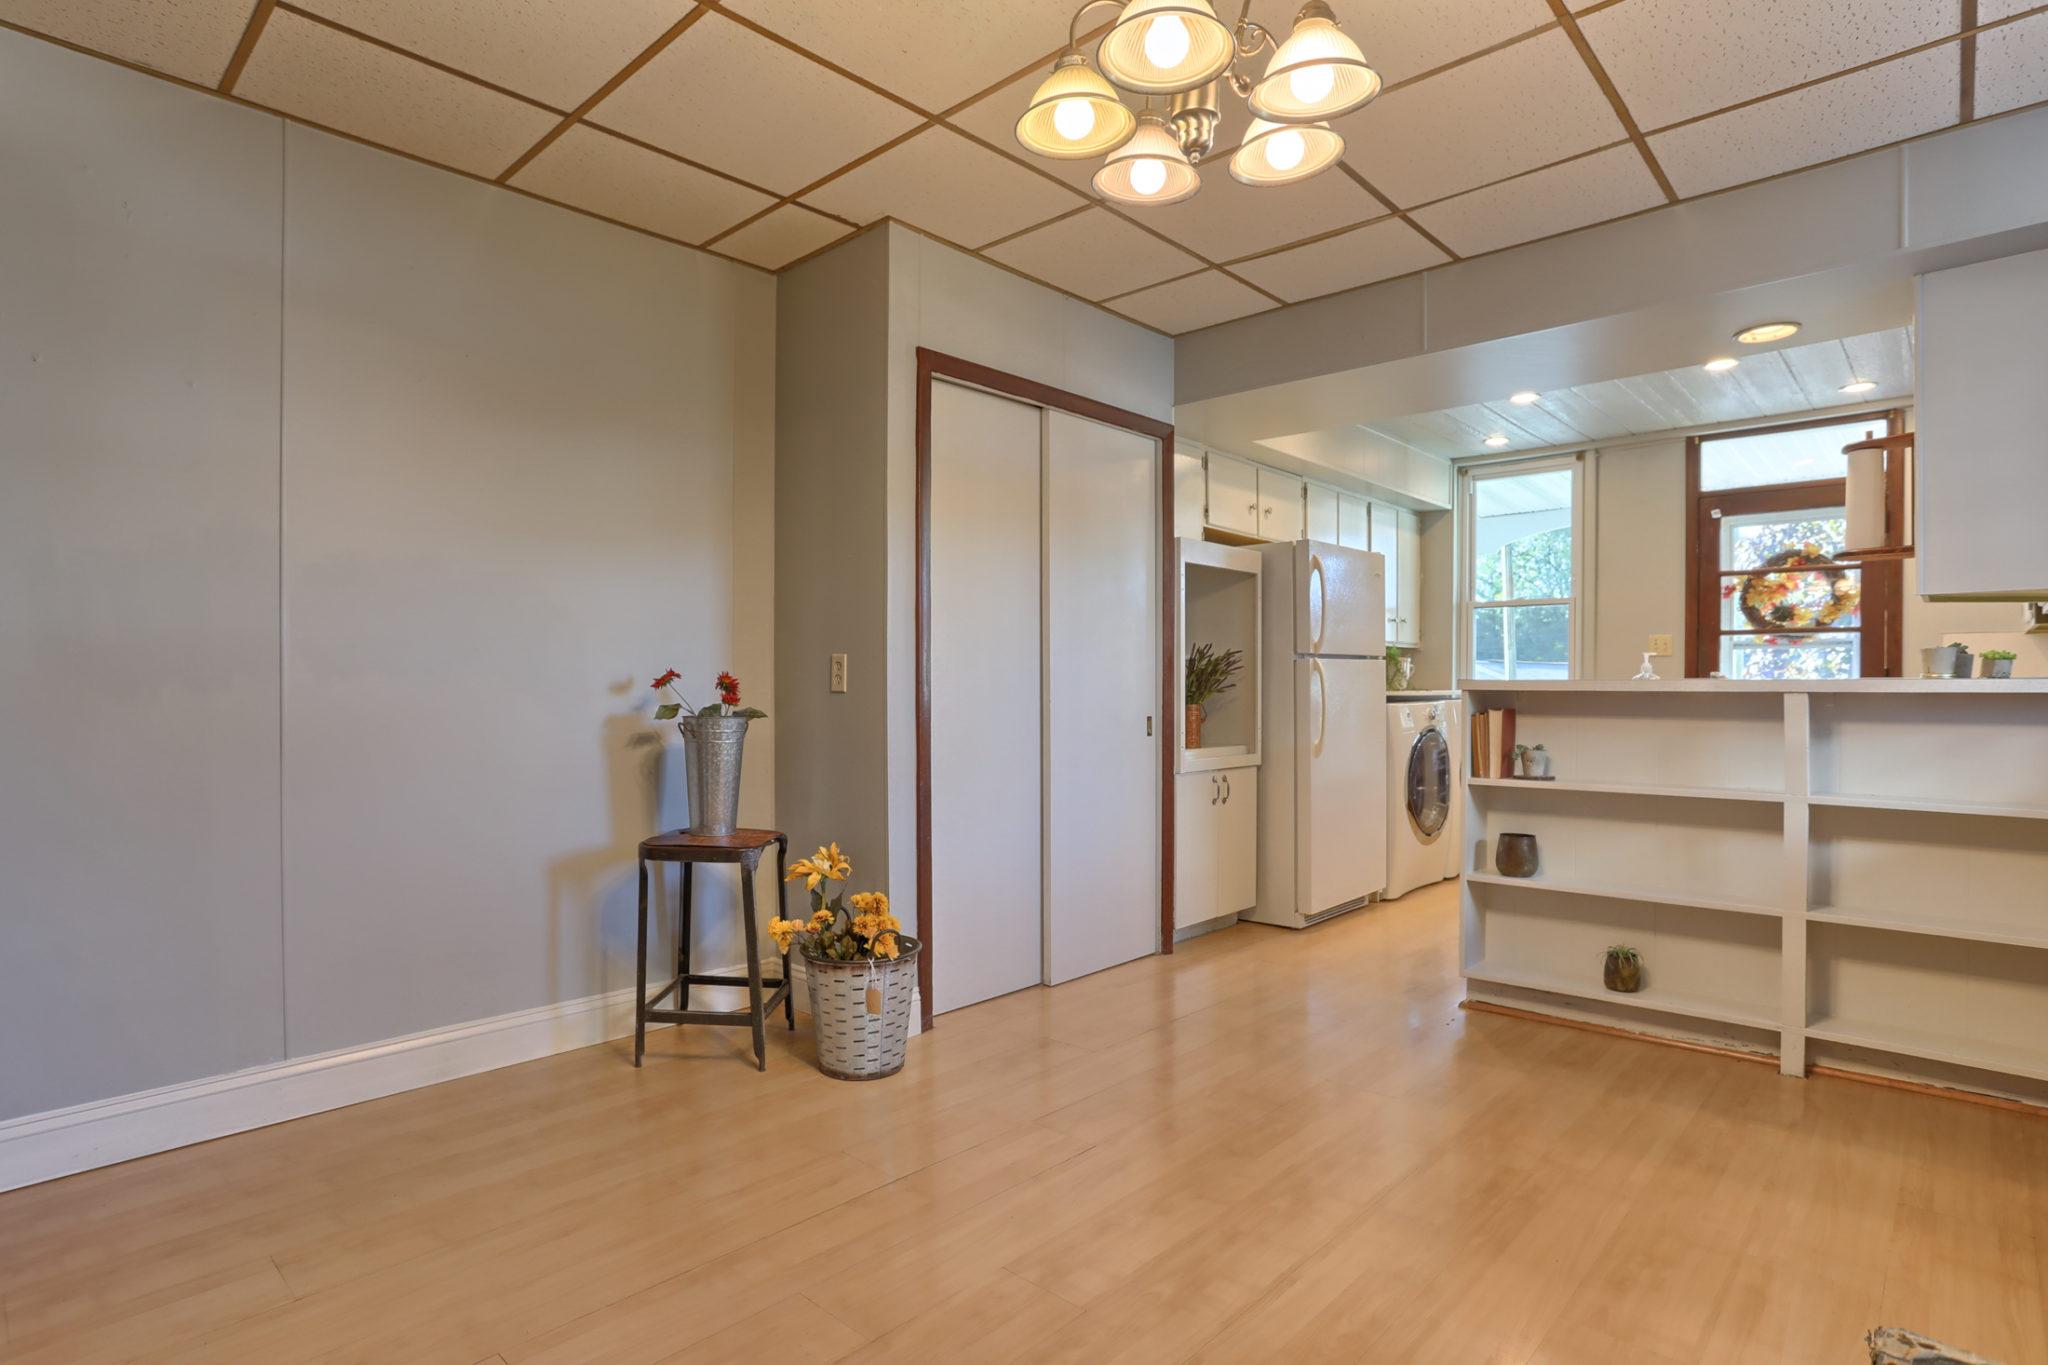 12 E. Maple Avenue - Kitchen/Dining Area 2